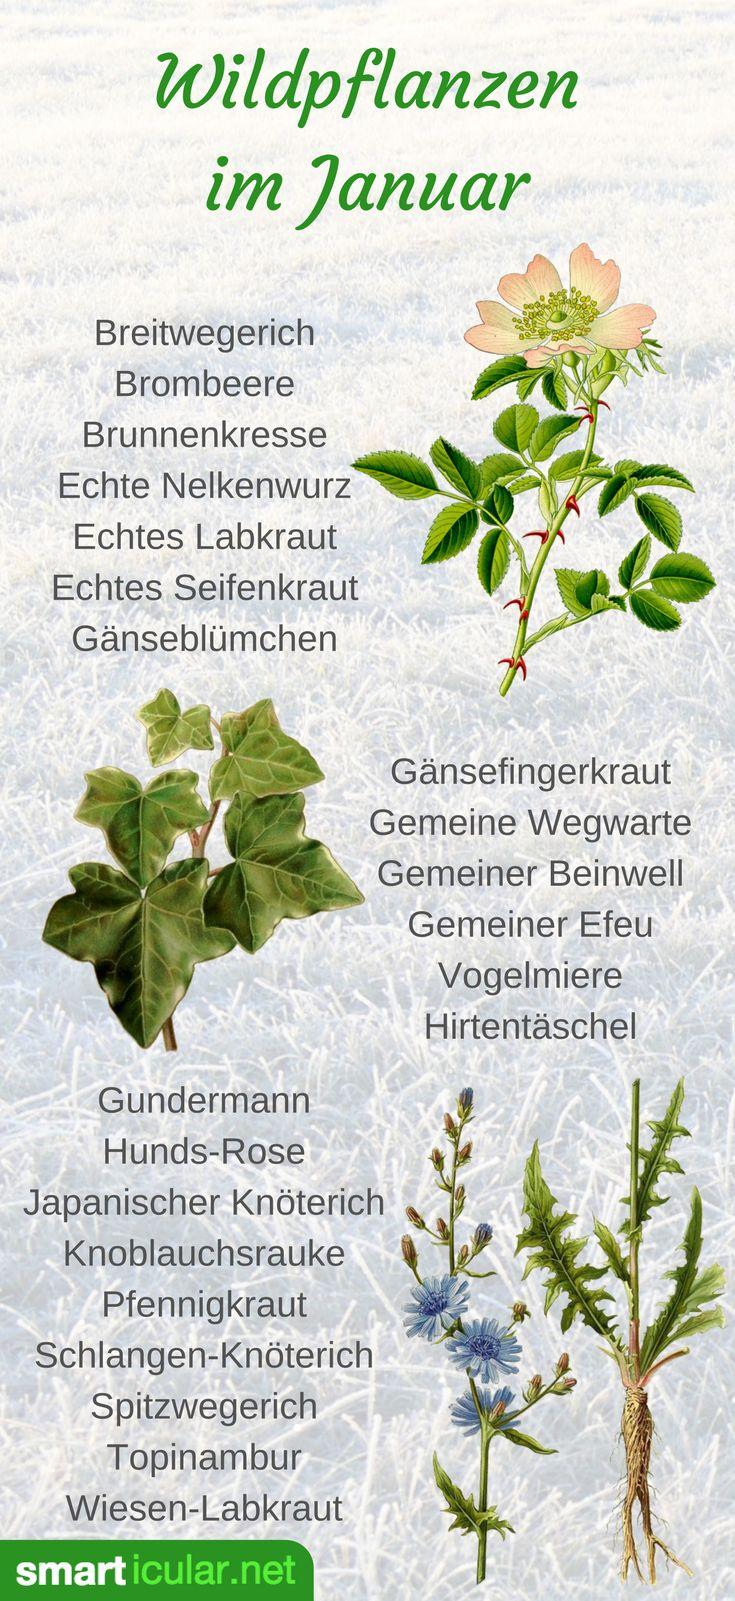 Schmackhaftes aus Feld und Flur: Wildpflanzen im Januar